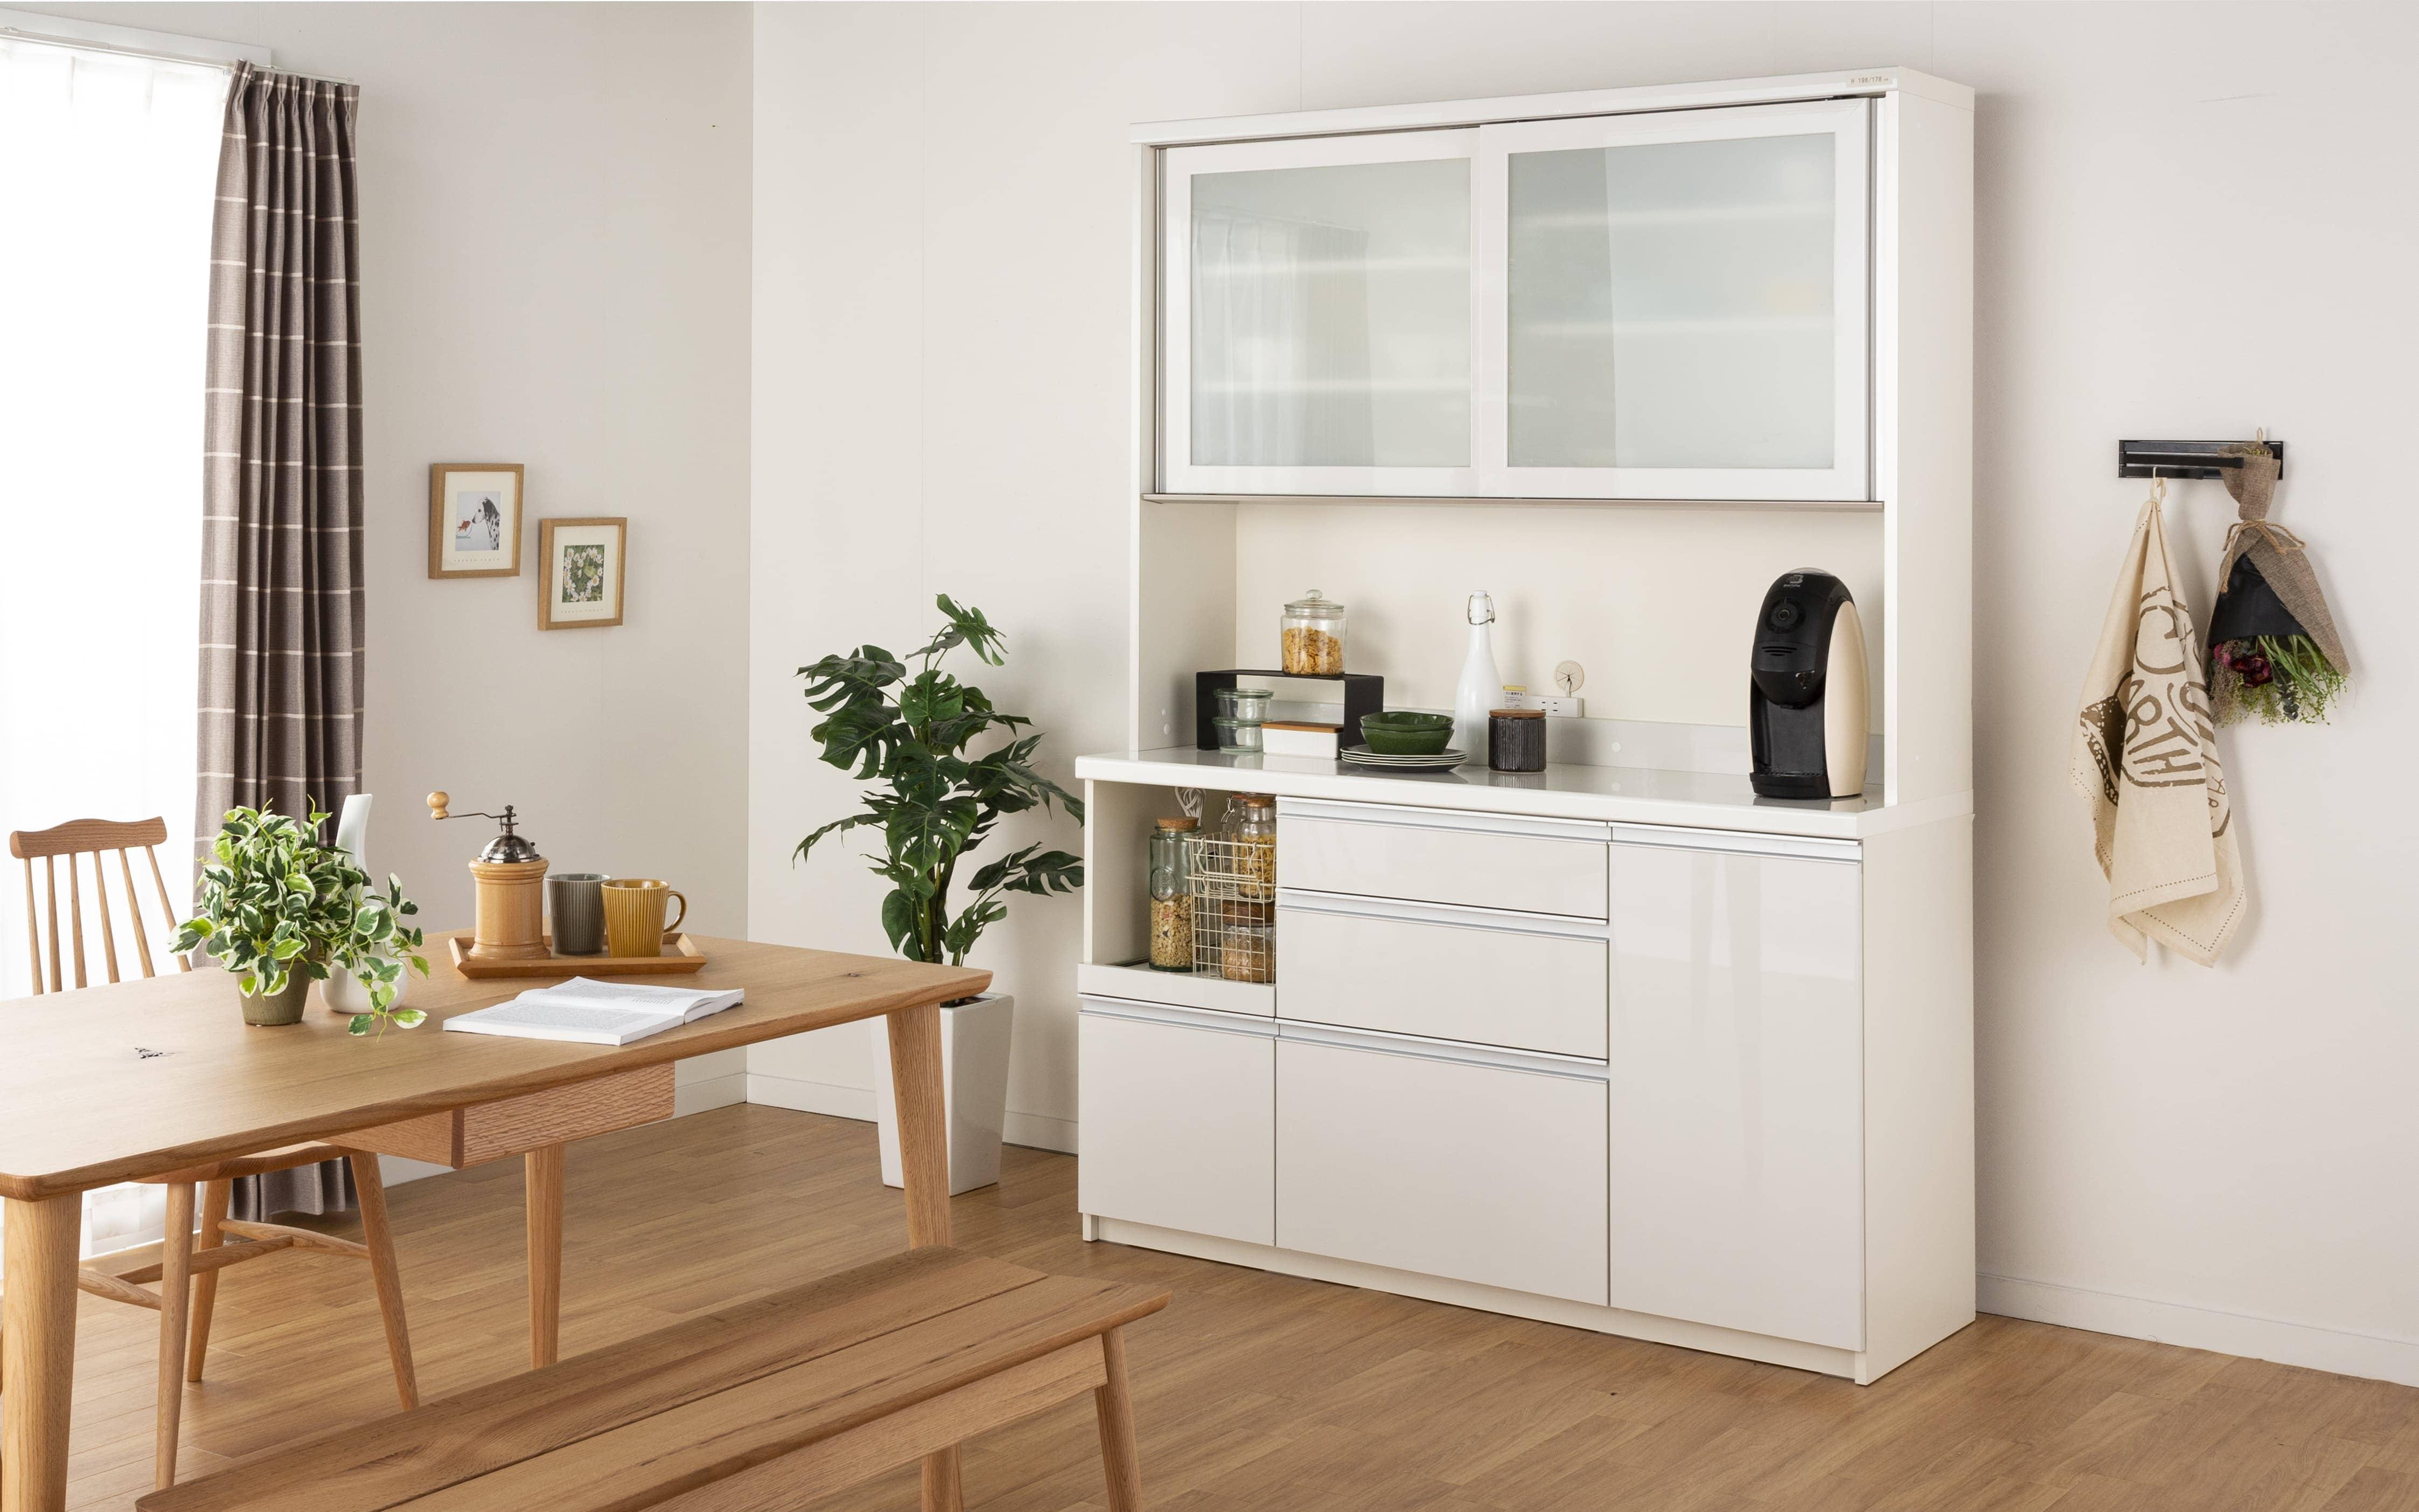 ダイニングボード MO−1200R (W プレーンホワイト):パモウナの高品質でリーズナブルな食器棚